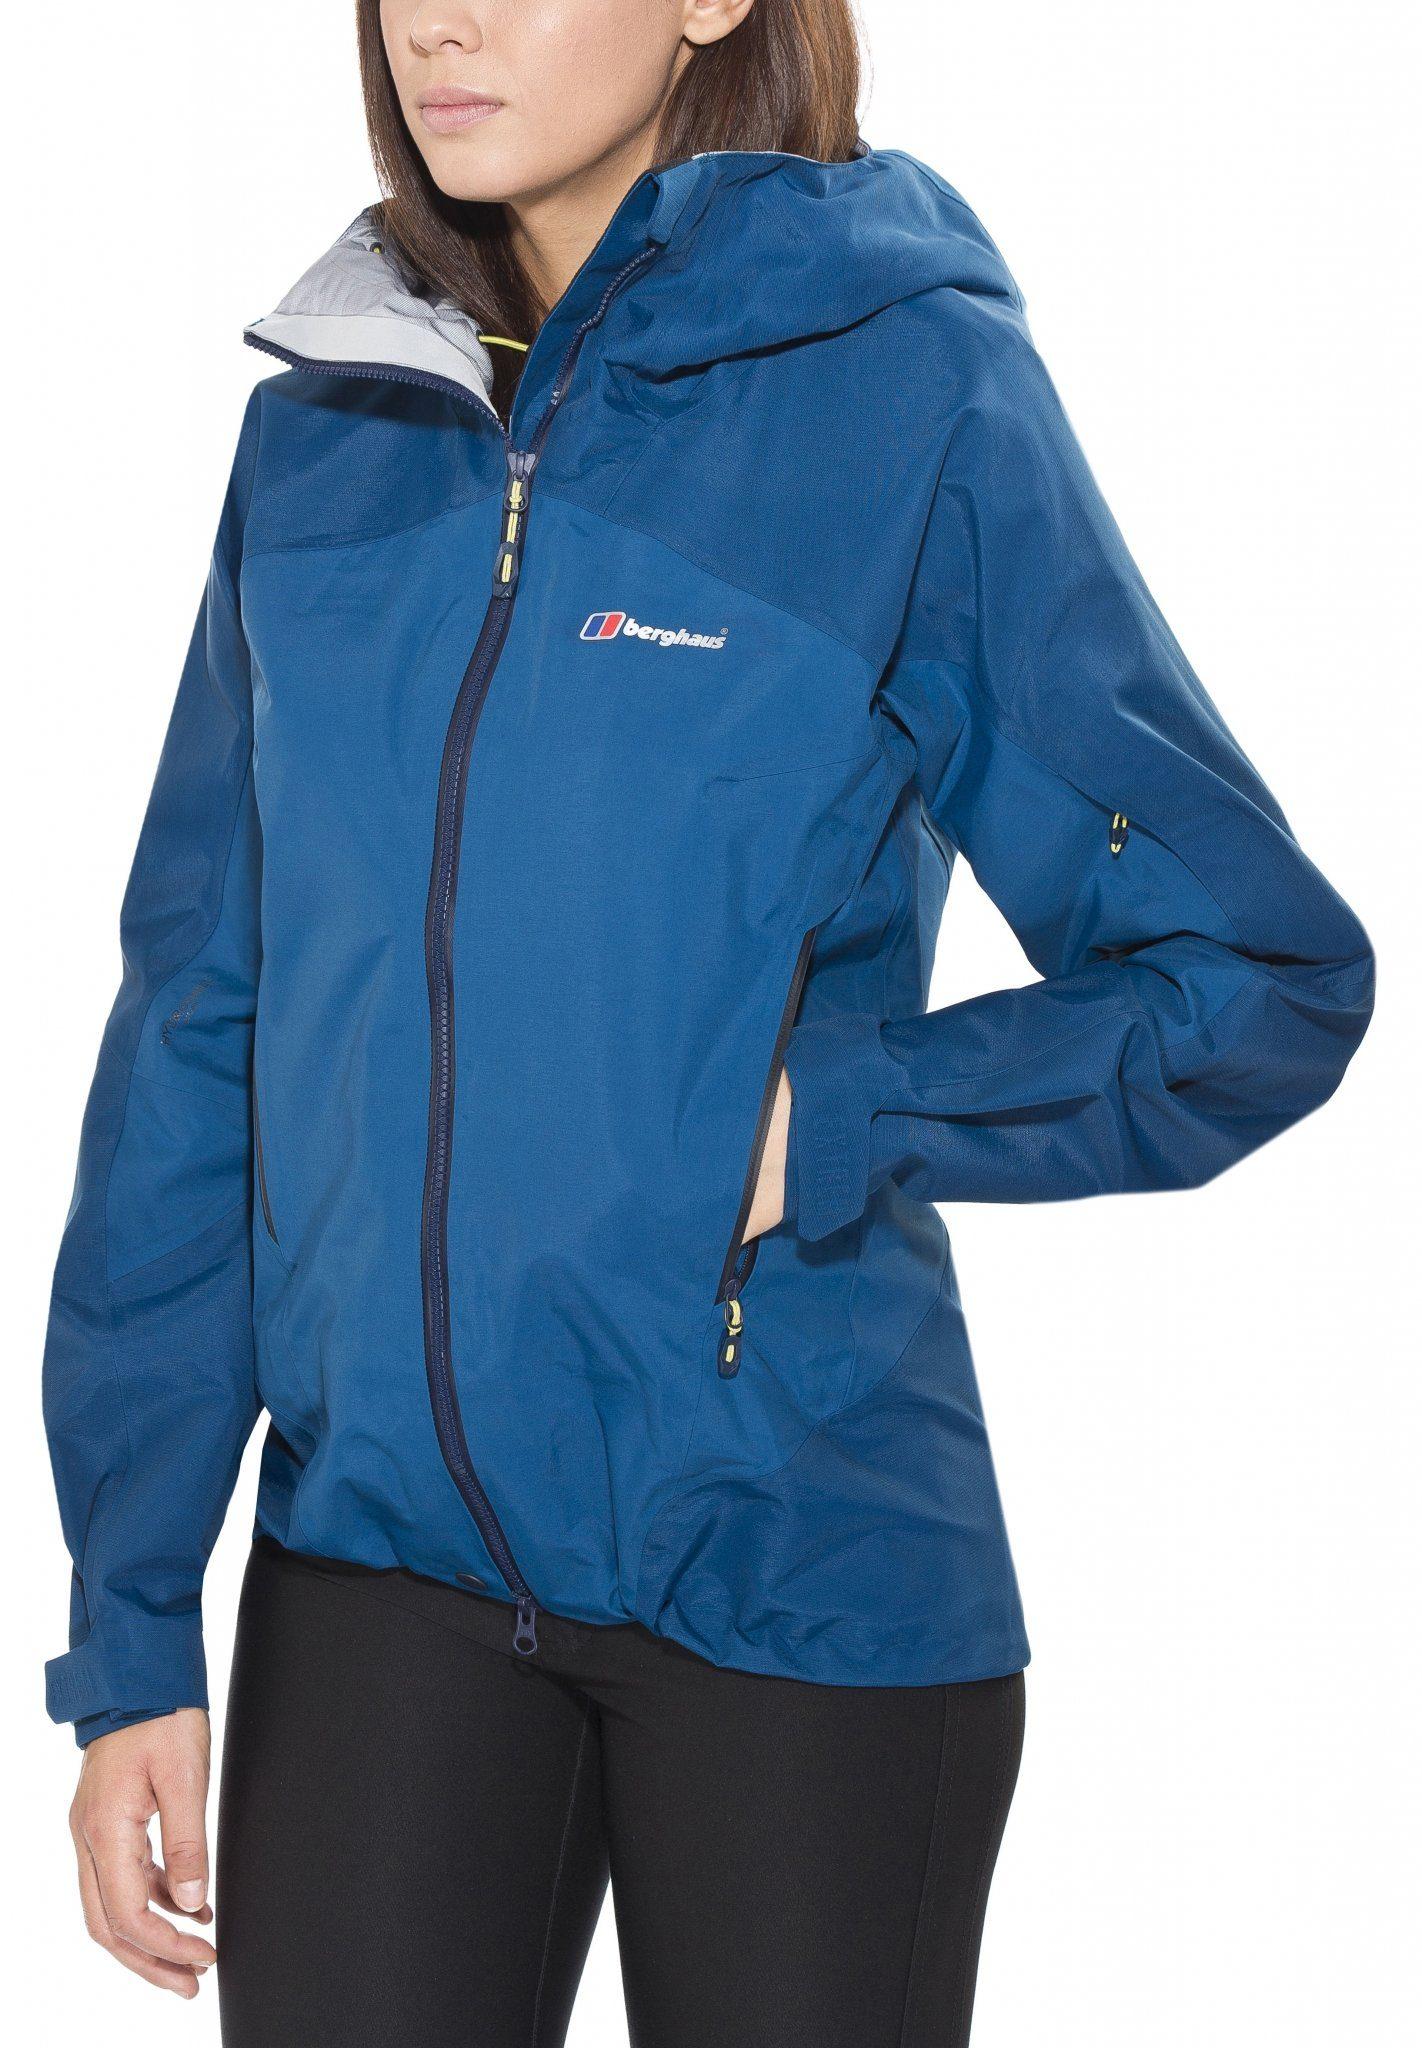 Berghaus Regenjacke »Sumcham Jacket Women«